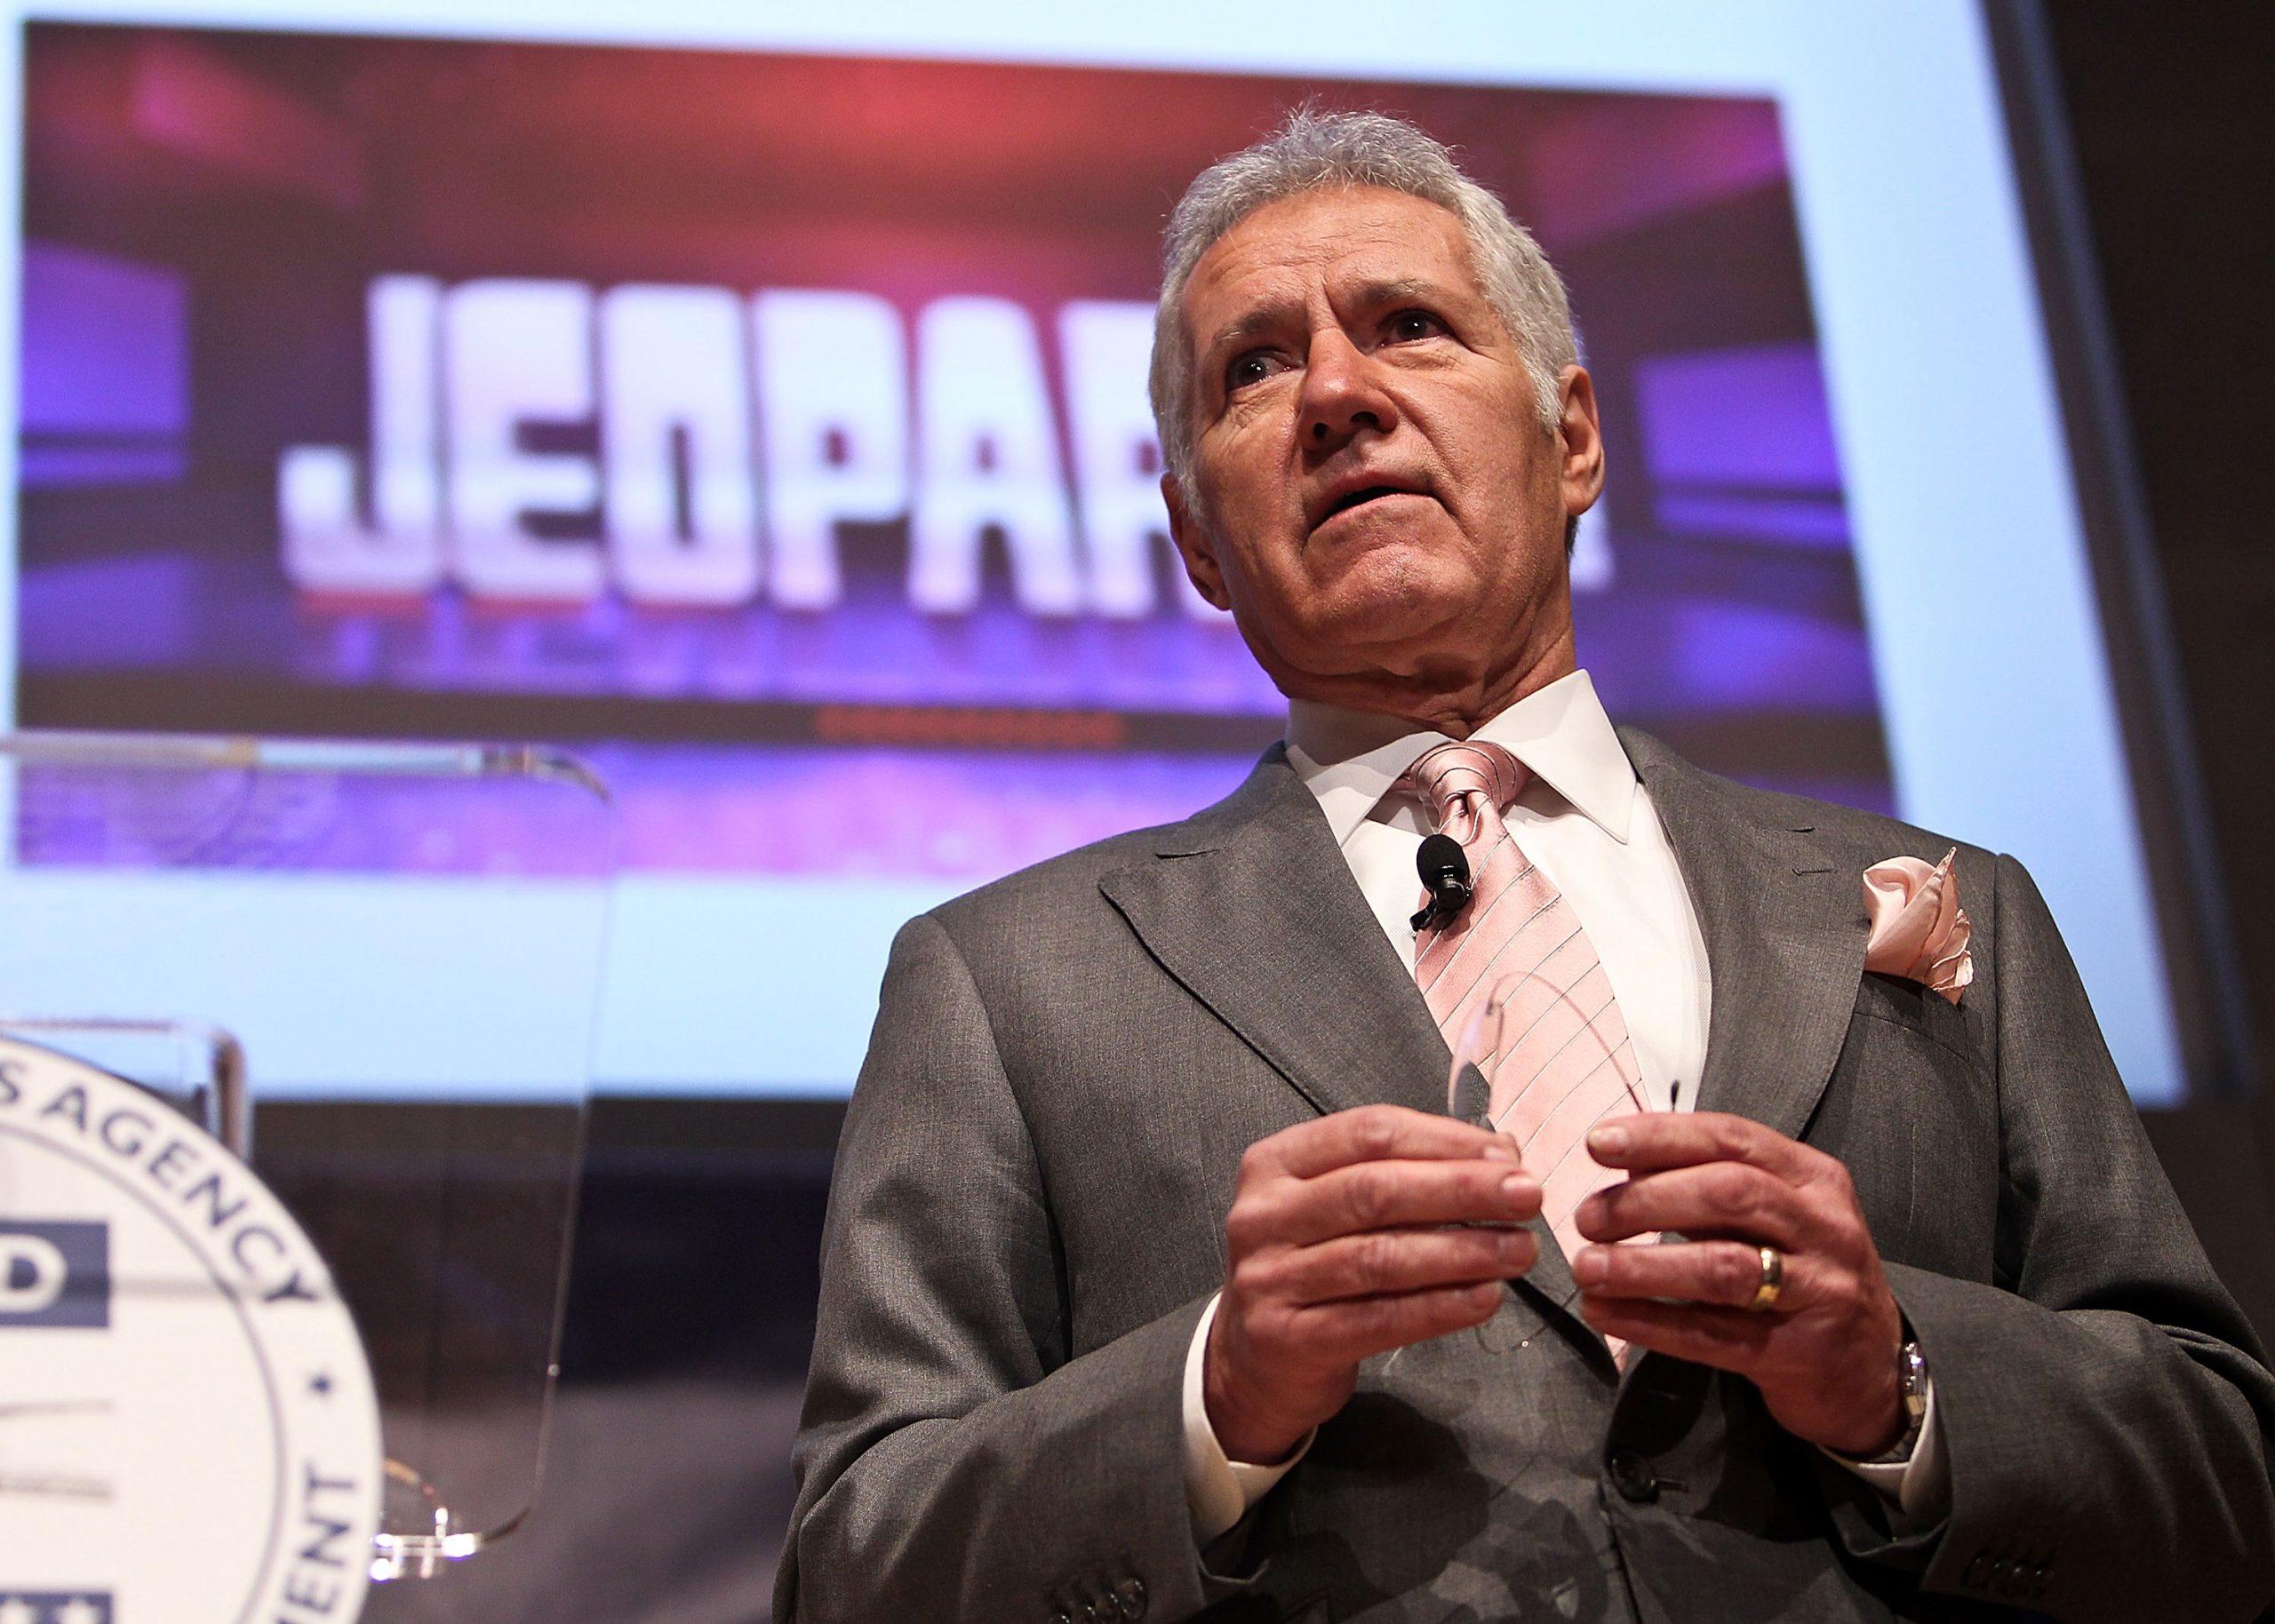 The late 'Jeopardy!' host Alex Trebek